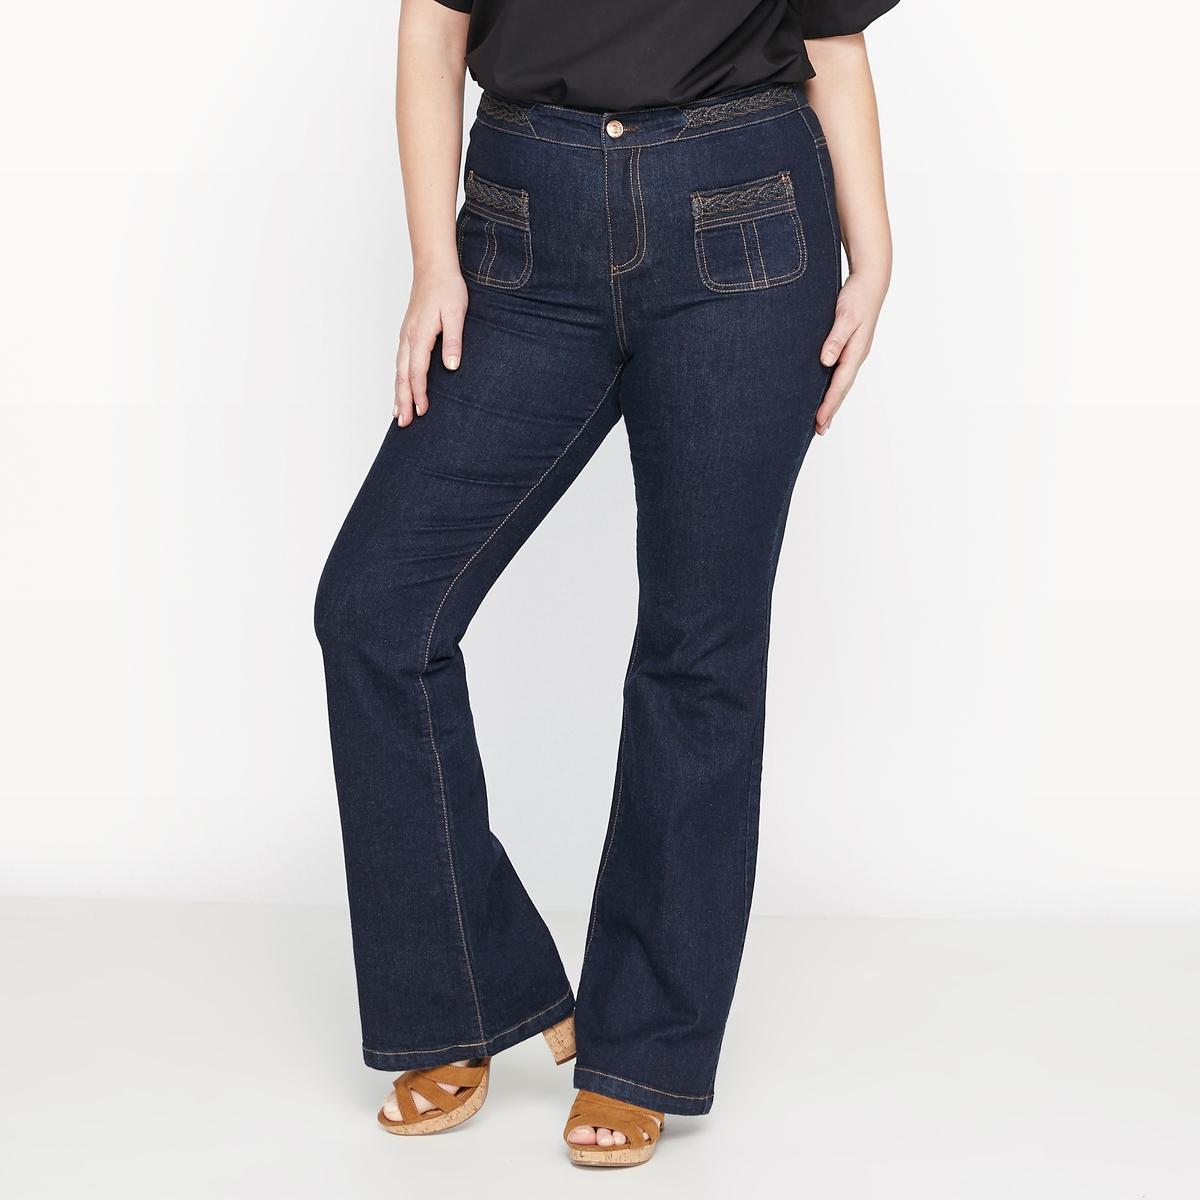 Джинсы-клешДжинсы клеш : тенденции 80-х годов снова в моде!  Очень стильные джинсы-клеш. Идеально будут смотреться с босоножками или ботильонами на каблуке.Детали •  Расклешенный покрой  •  Стандартная высота поясаСостав и уход • 99% хлопка, 1% эластана   •  Температура стирки 30°   •  Сухая чистка и отбеливание запрещены •  Не использовать барабанную сушку •  Низкая температура глажкиТовар из коллекции больших размеров<br><br>Цвет: синий с потертостями,темно-синий